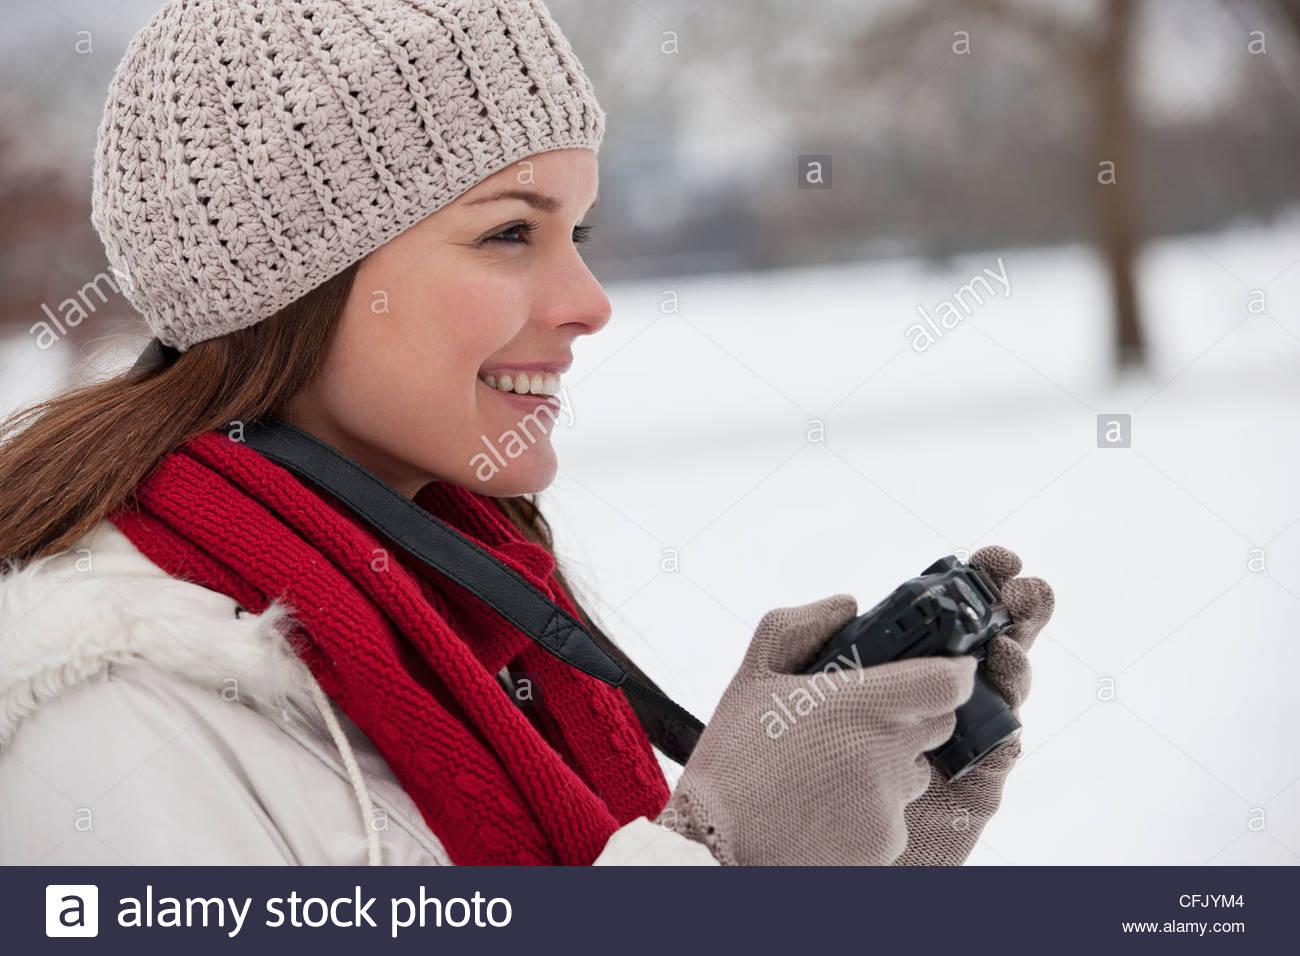 Una mujer joven de pie en la nieve, sosteniendo una cámara Imagen De Stock